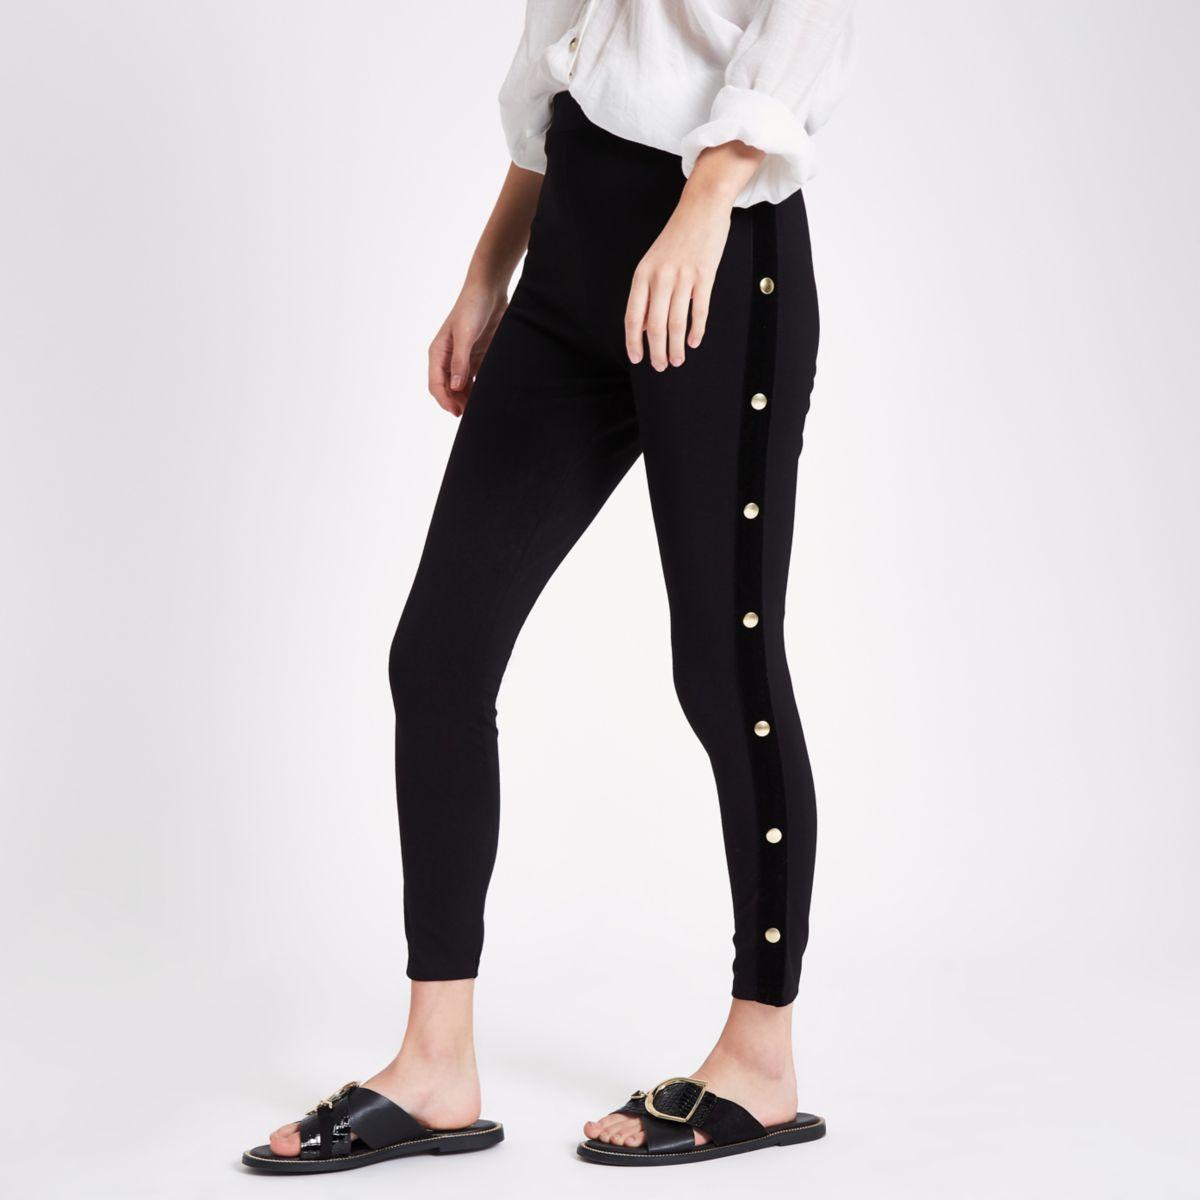 Zwarte legging met drukknopen opzij